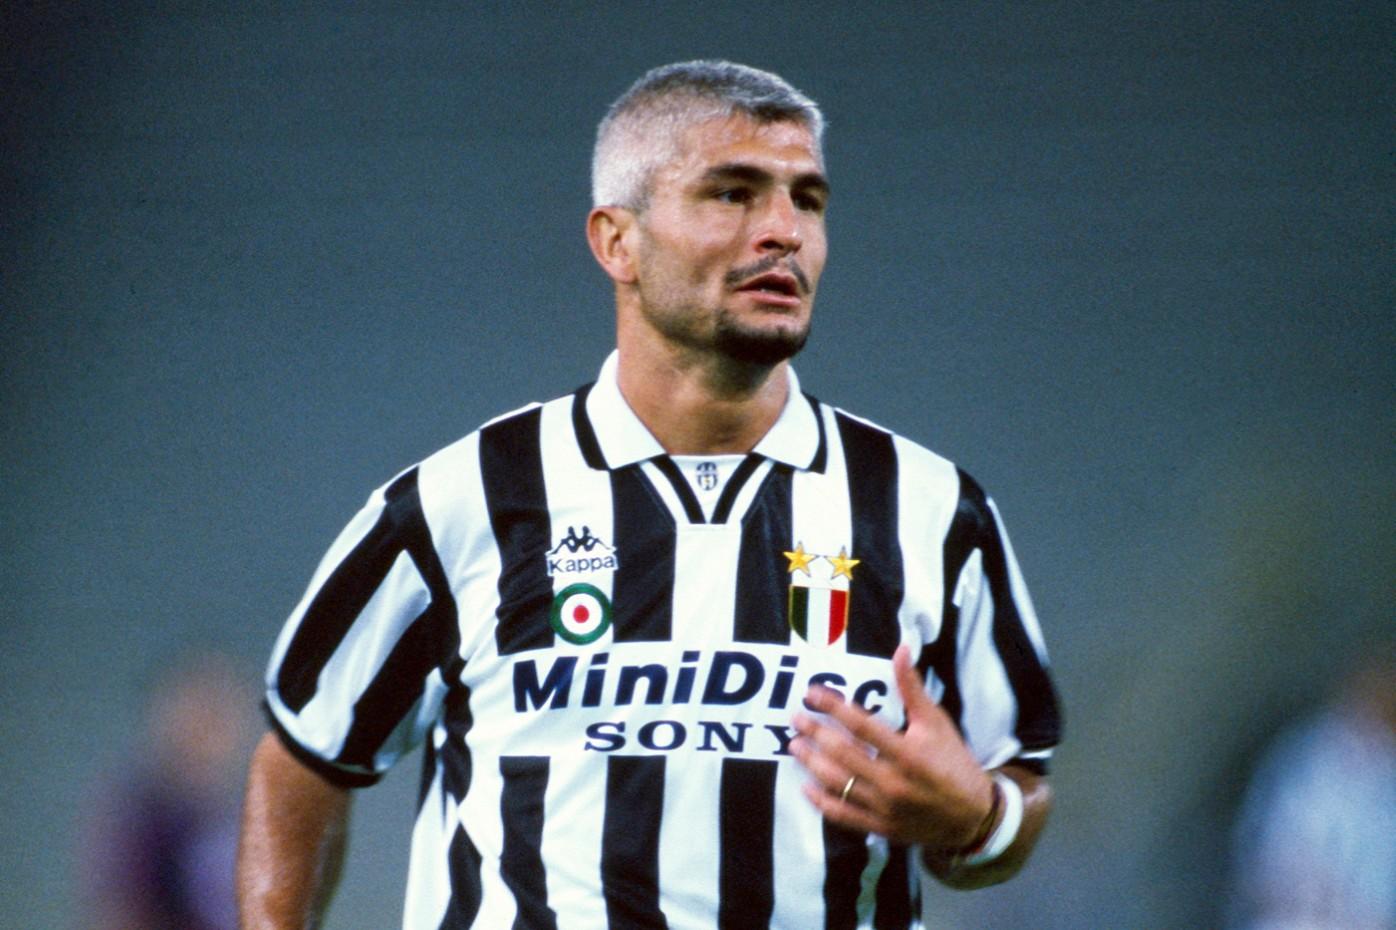 FabrizioRavanelli29012016